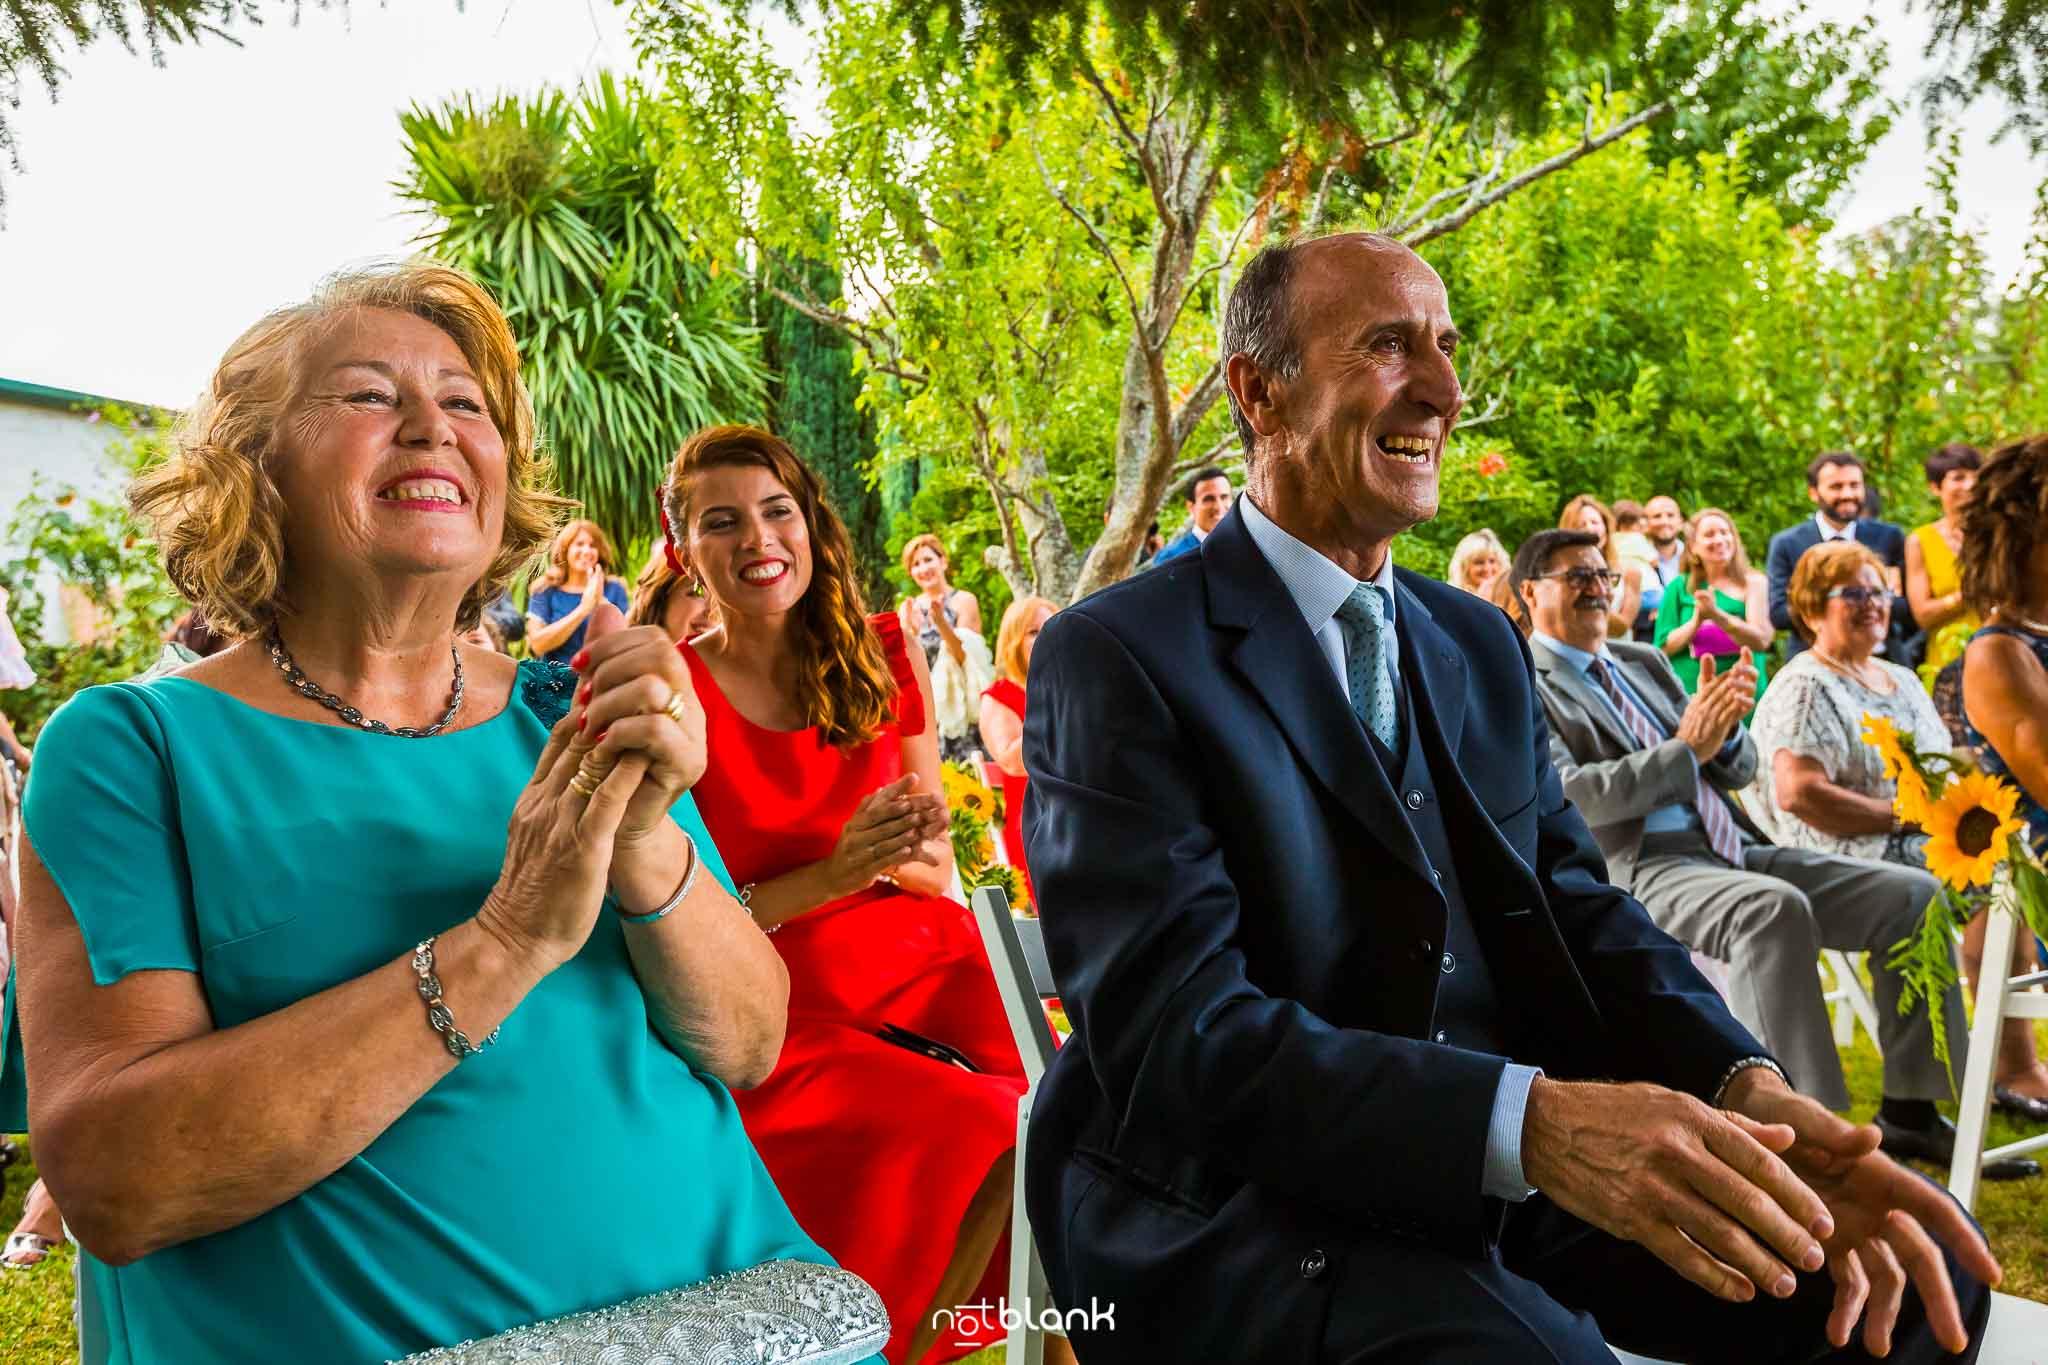 Boda En El Jardin De Casa Jana y Fran - Varios invitados sonrien y aplauden durante la ceremonia civil - Notblank Fotografos de boda